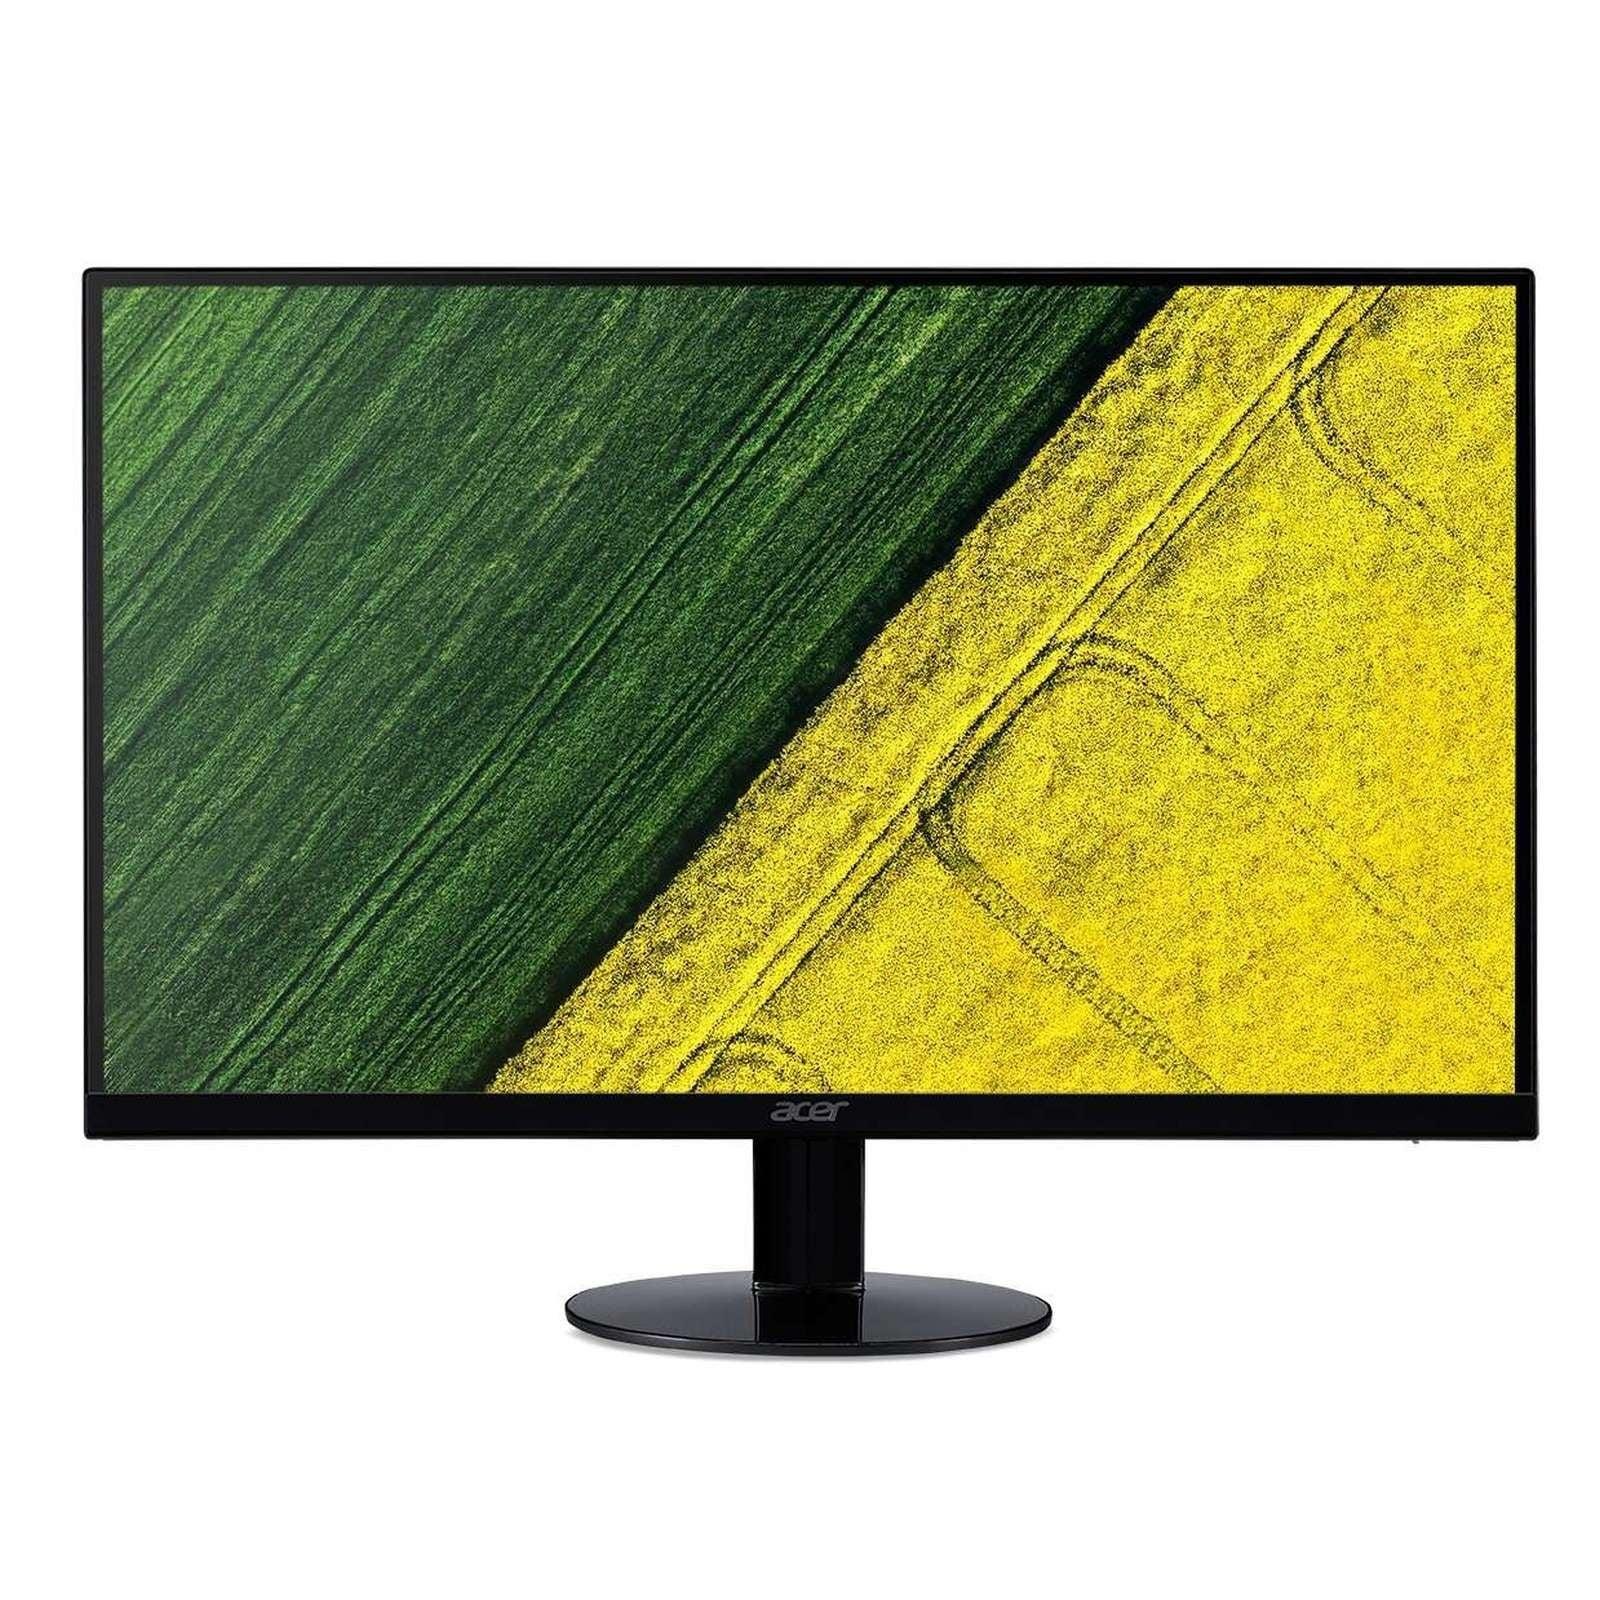 Acer SA230A 23inch LED Monitor